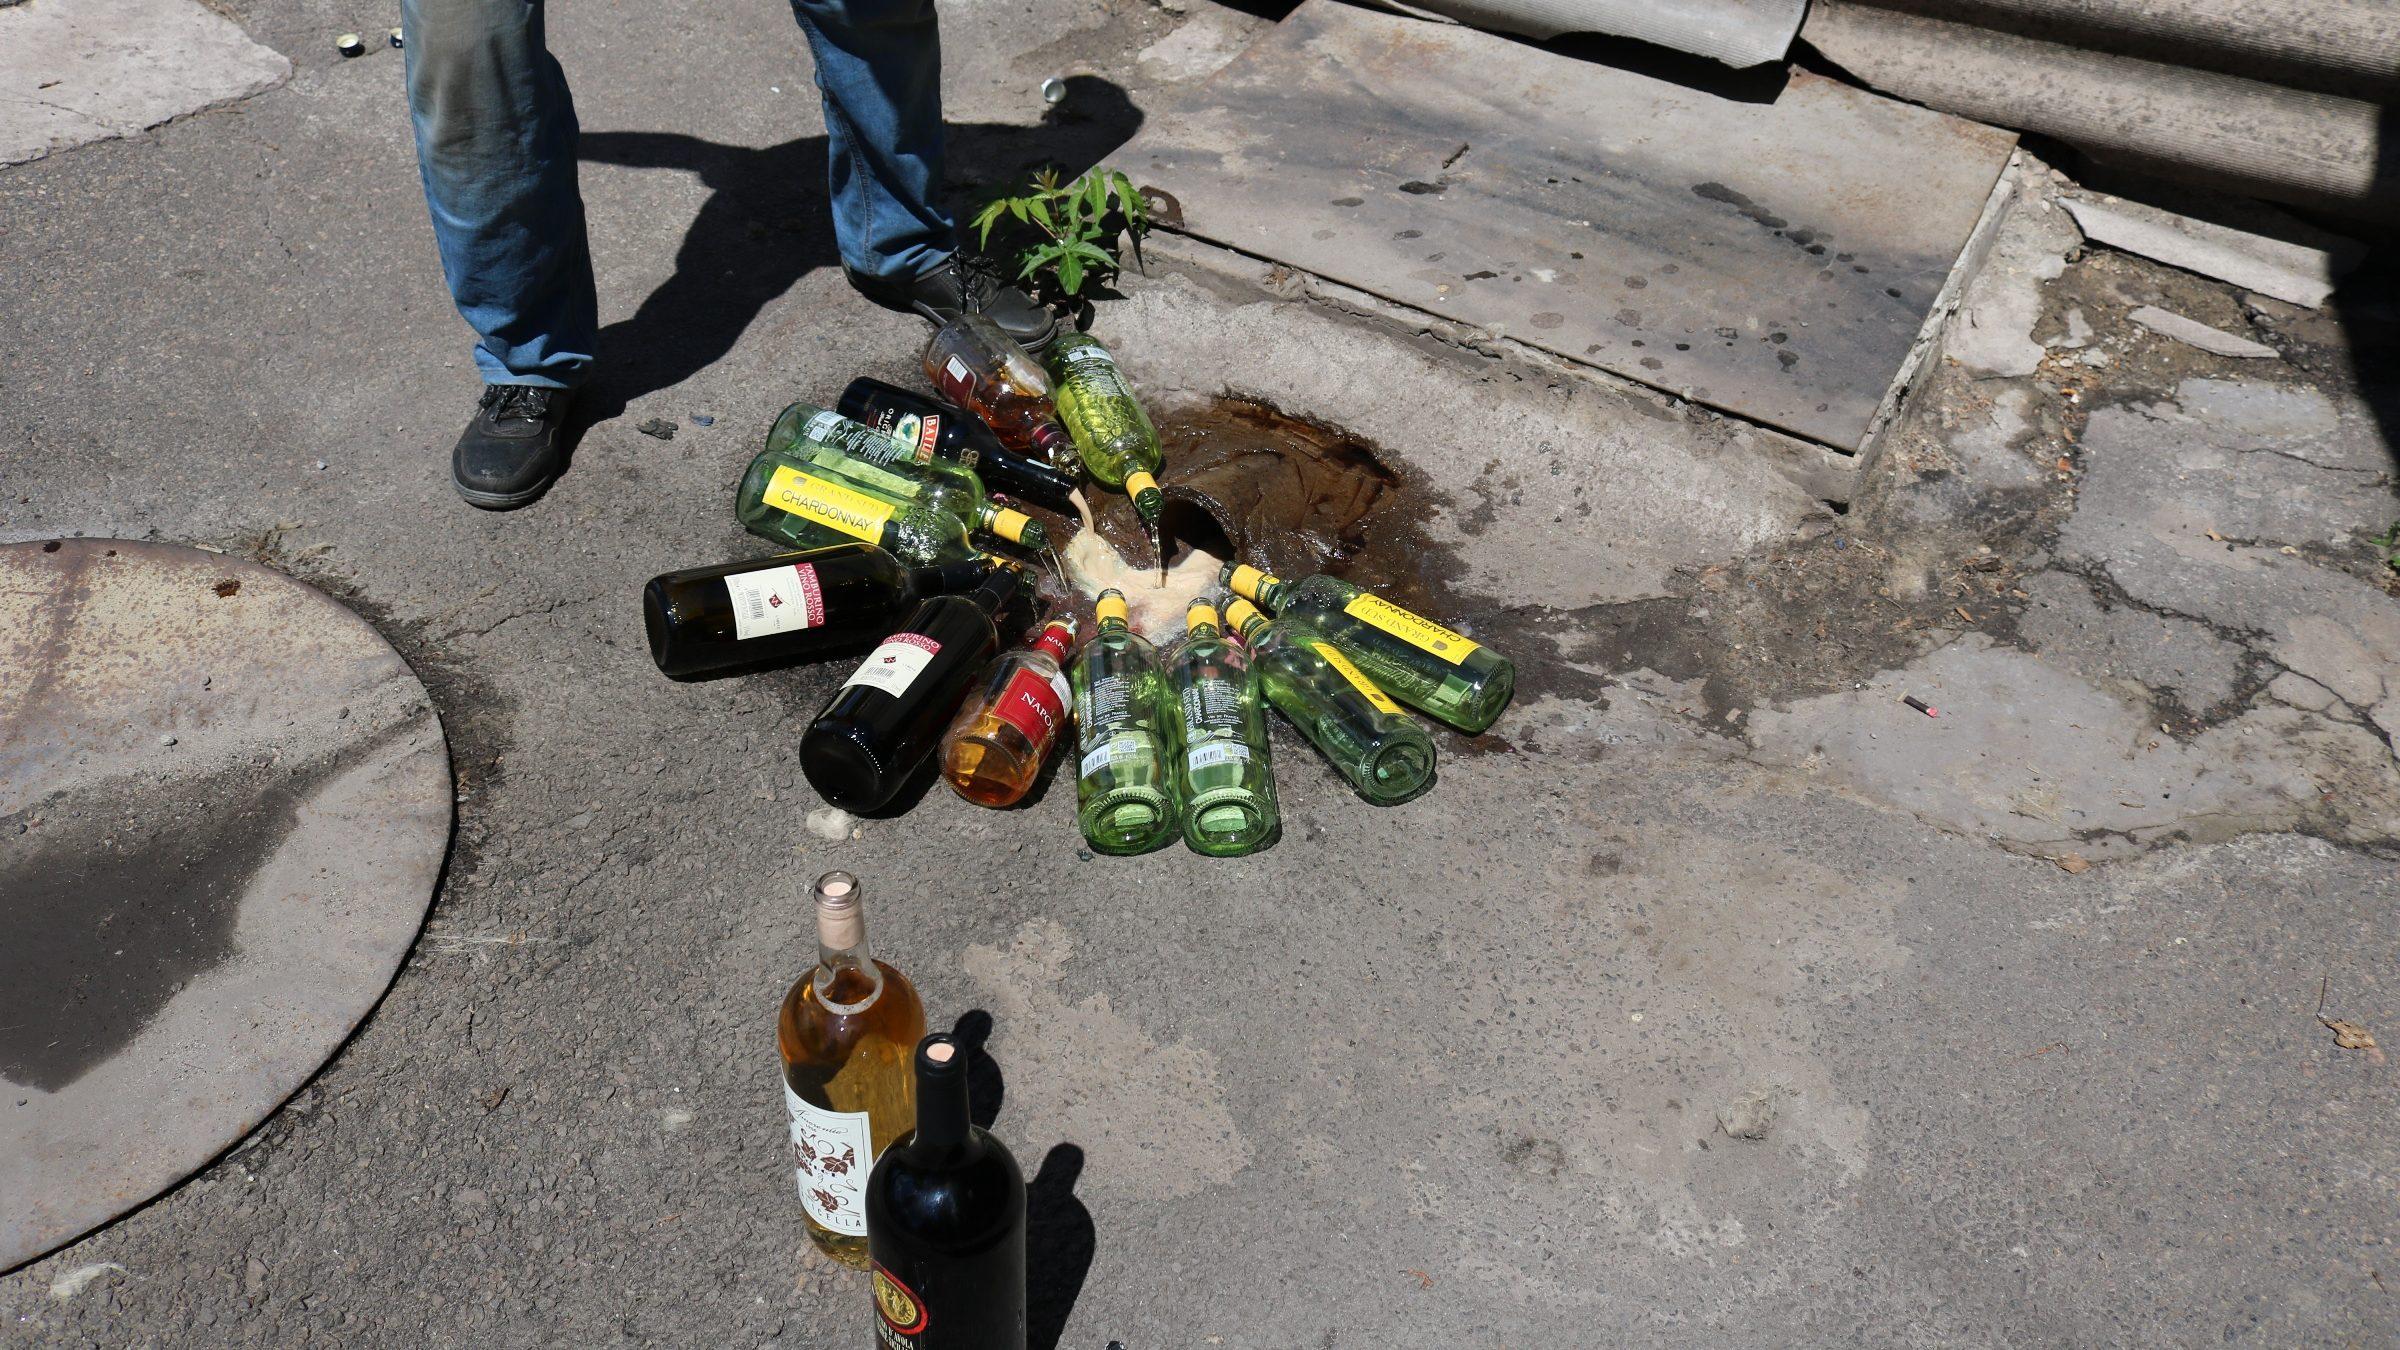 Згідно з рішeнням cуду, днями ліквідували понад 250 пляшок алкогольних напоїв імпортного виробництва.